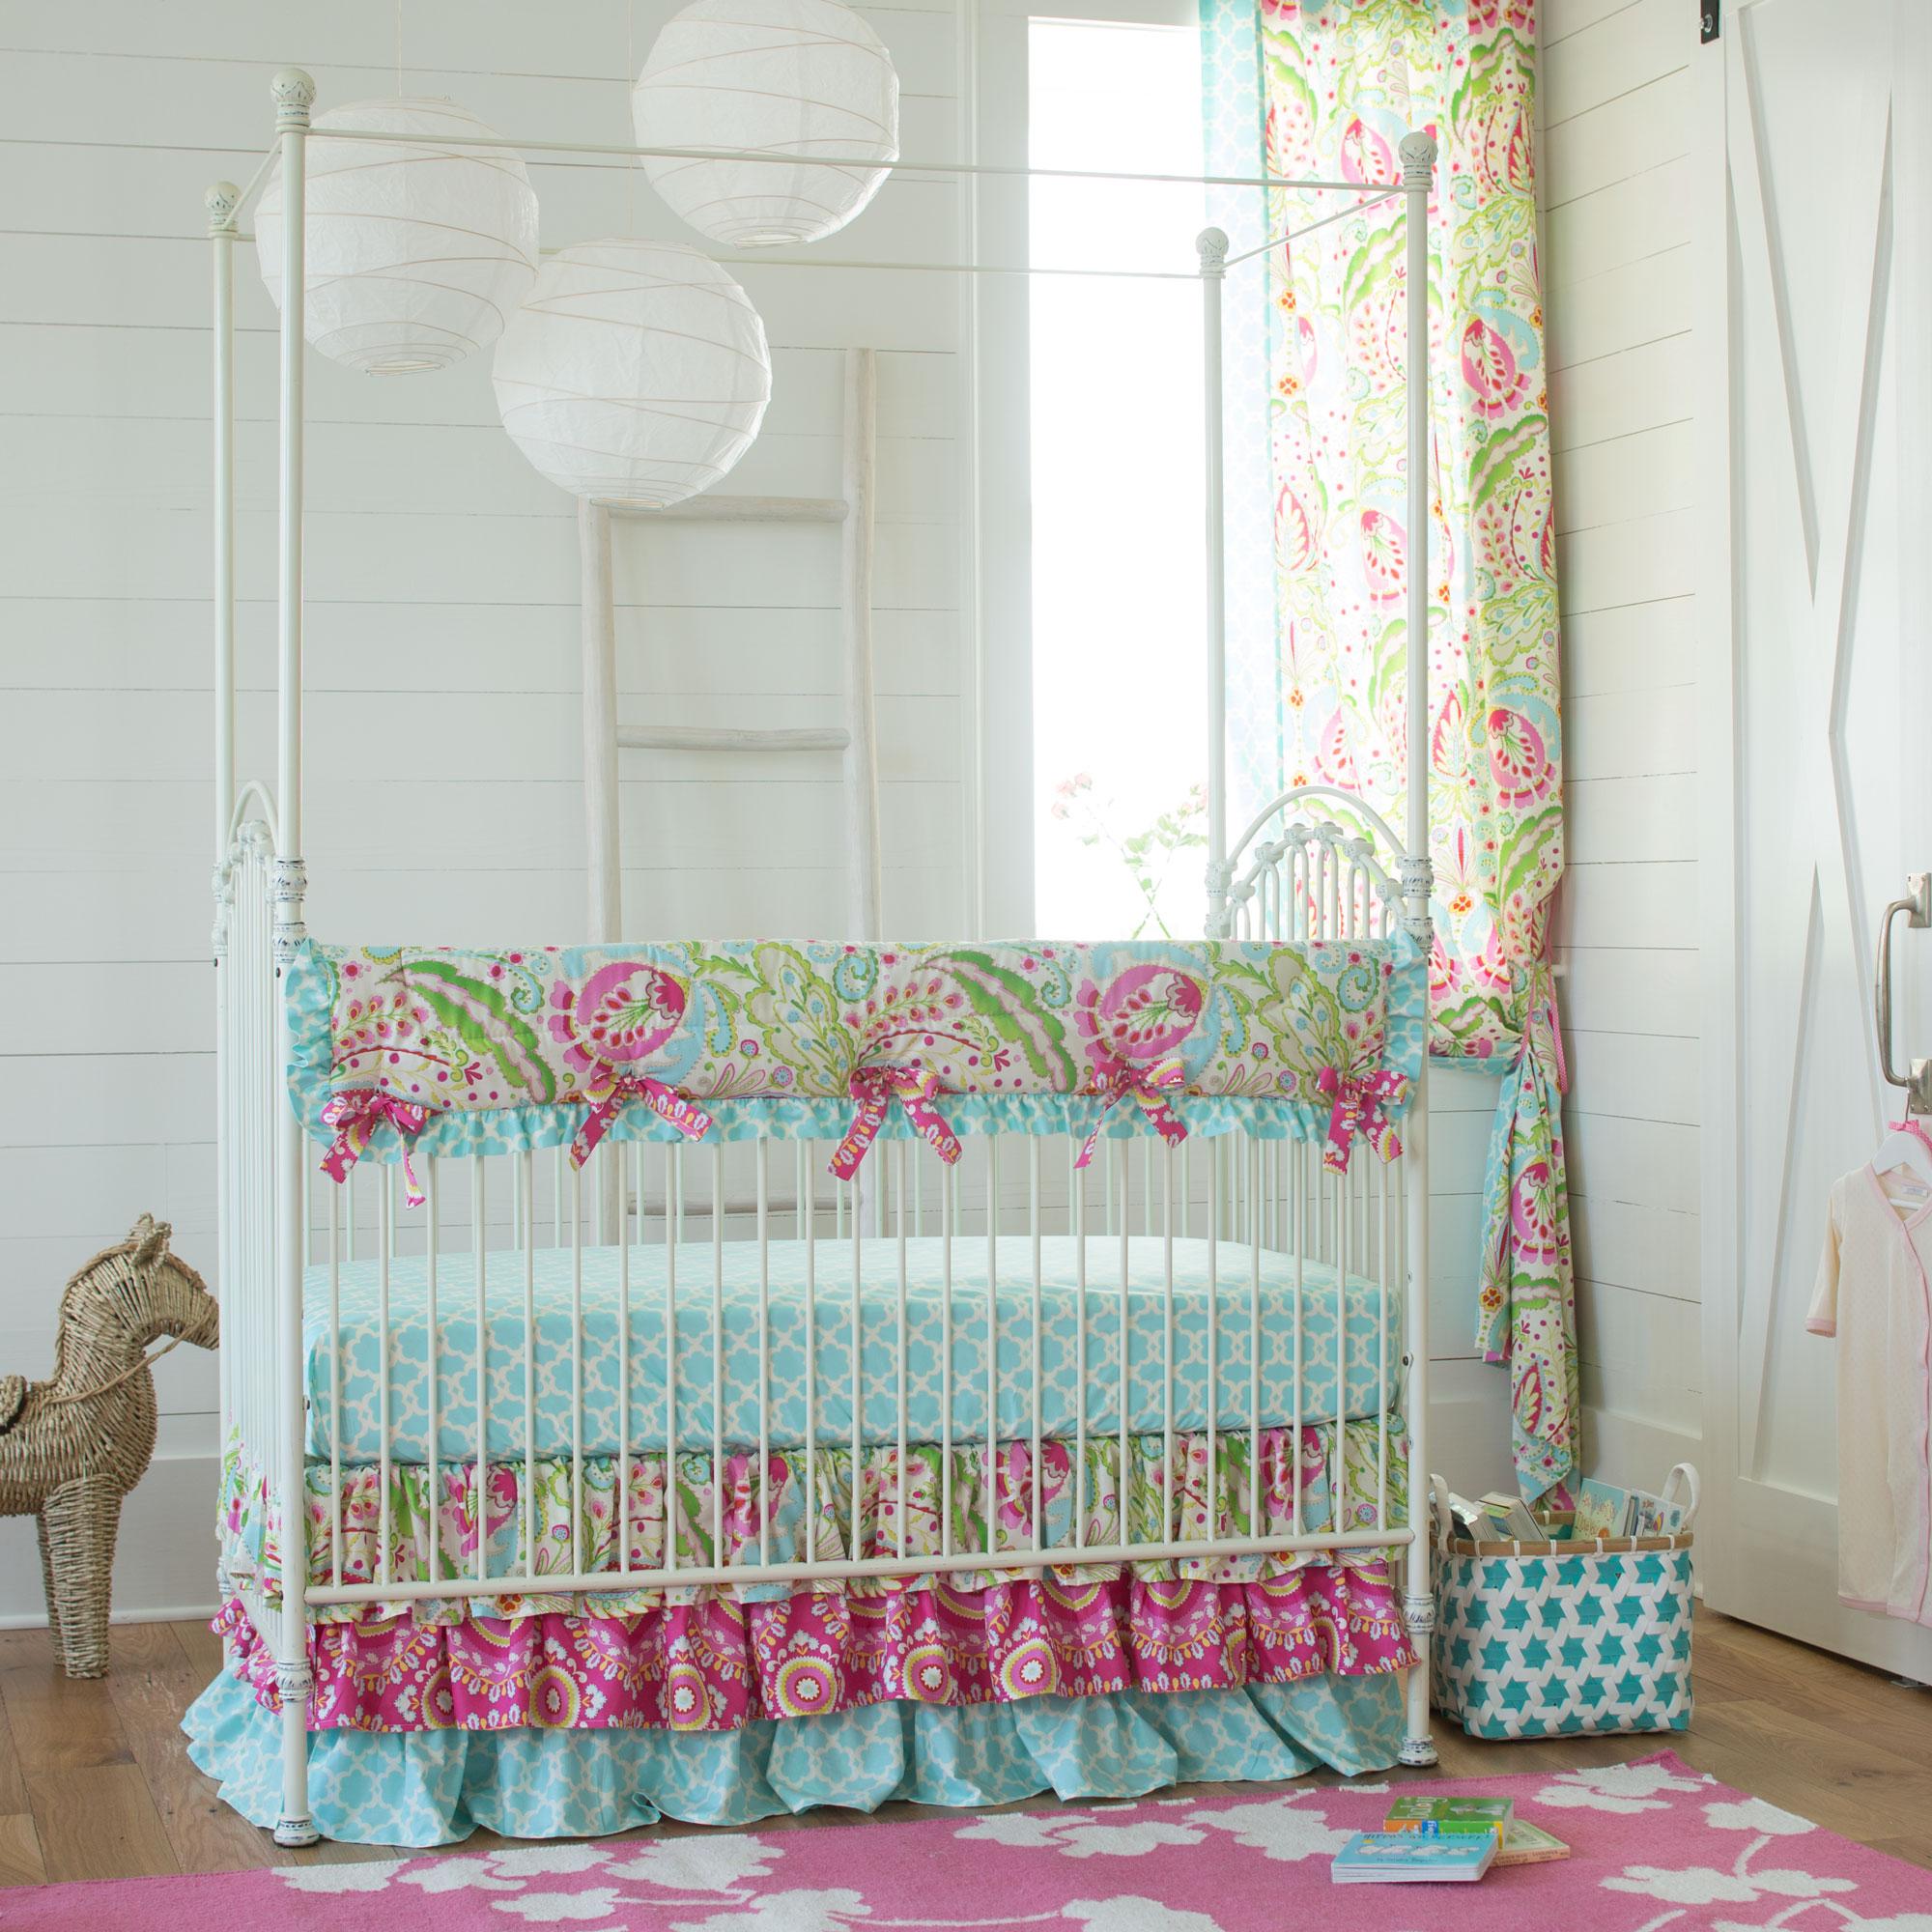 Kumari Garden Crib Bedding Collection from Carousel Designs